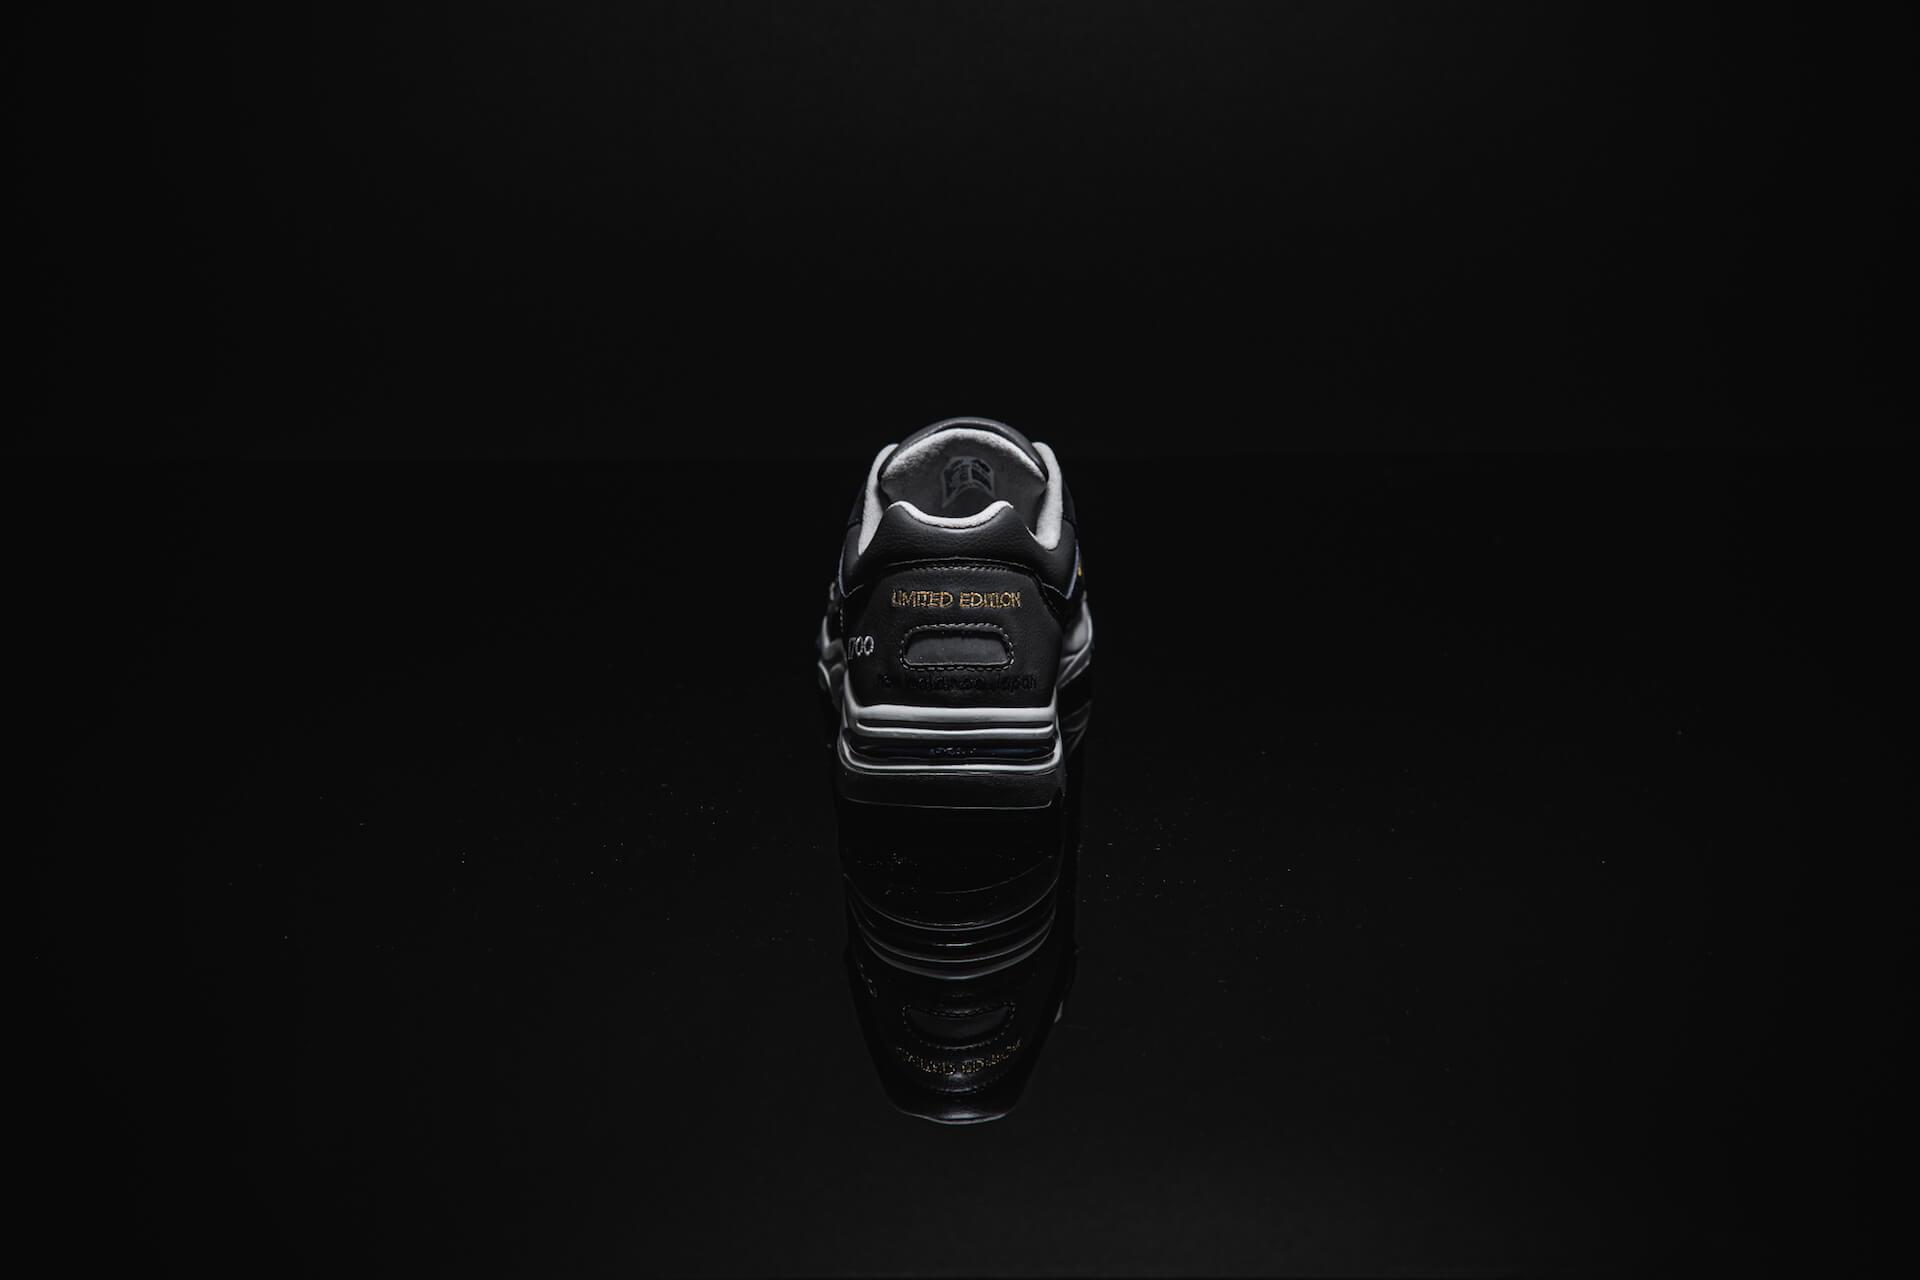 ニューバランスの超人気モデル「1700」のアジア製モデルが10年ぶりに復刻決定!来週日本限定で発売 life200701_newbalance_3